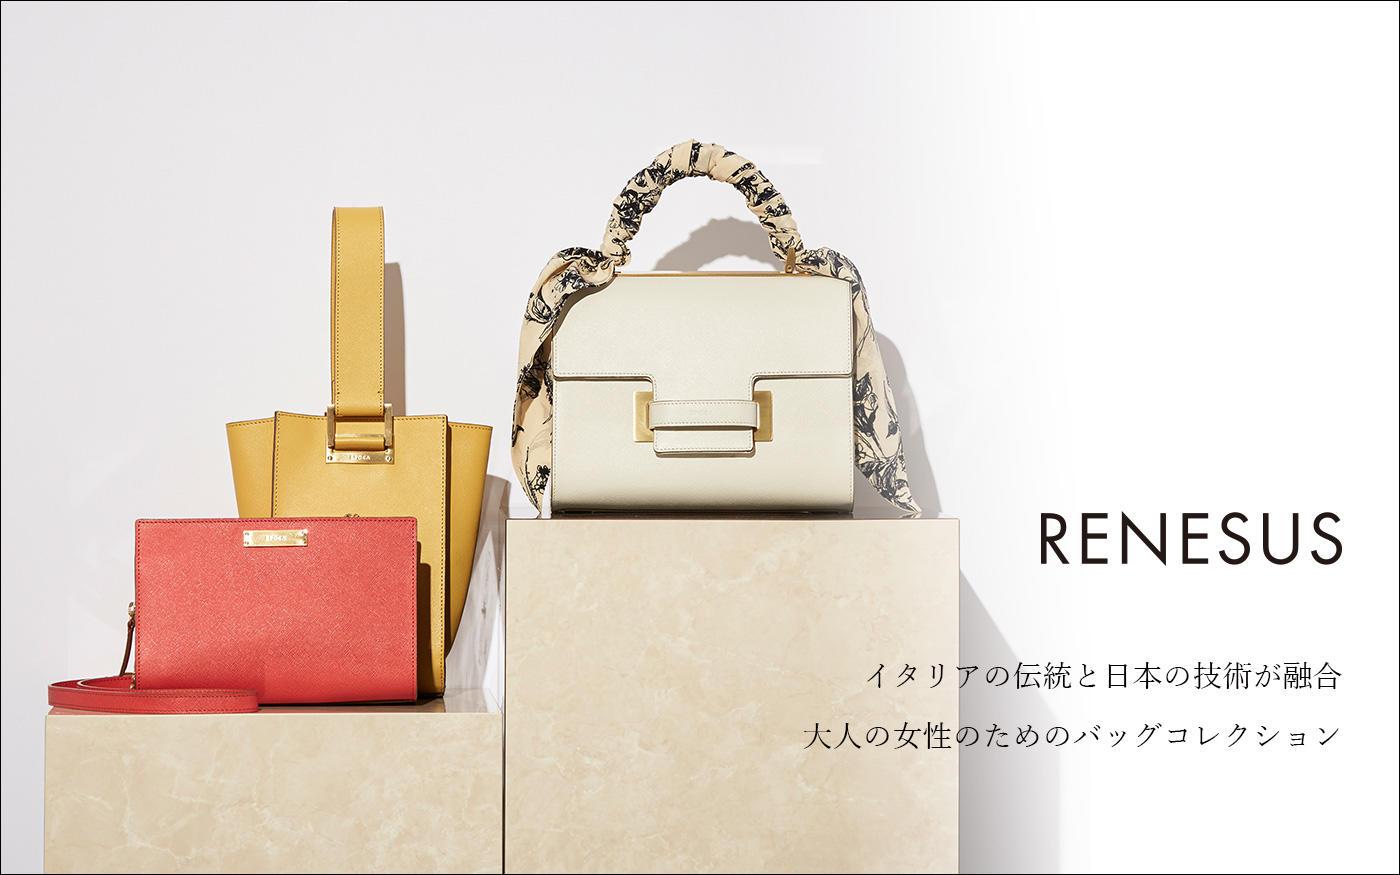 洗練された大人の女性のためのバッグコレクション'ルネサス'